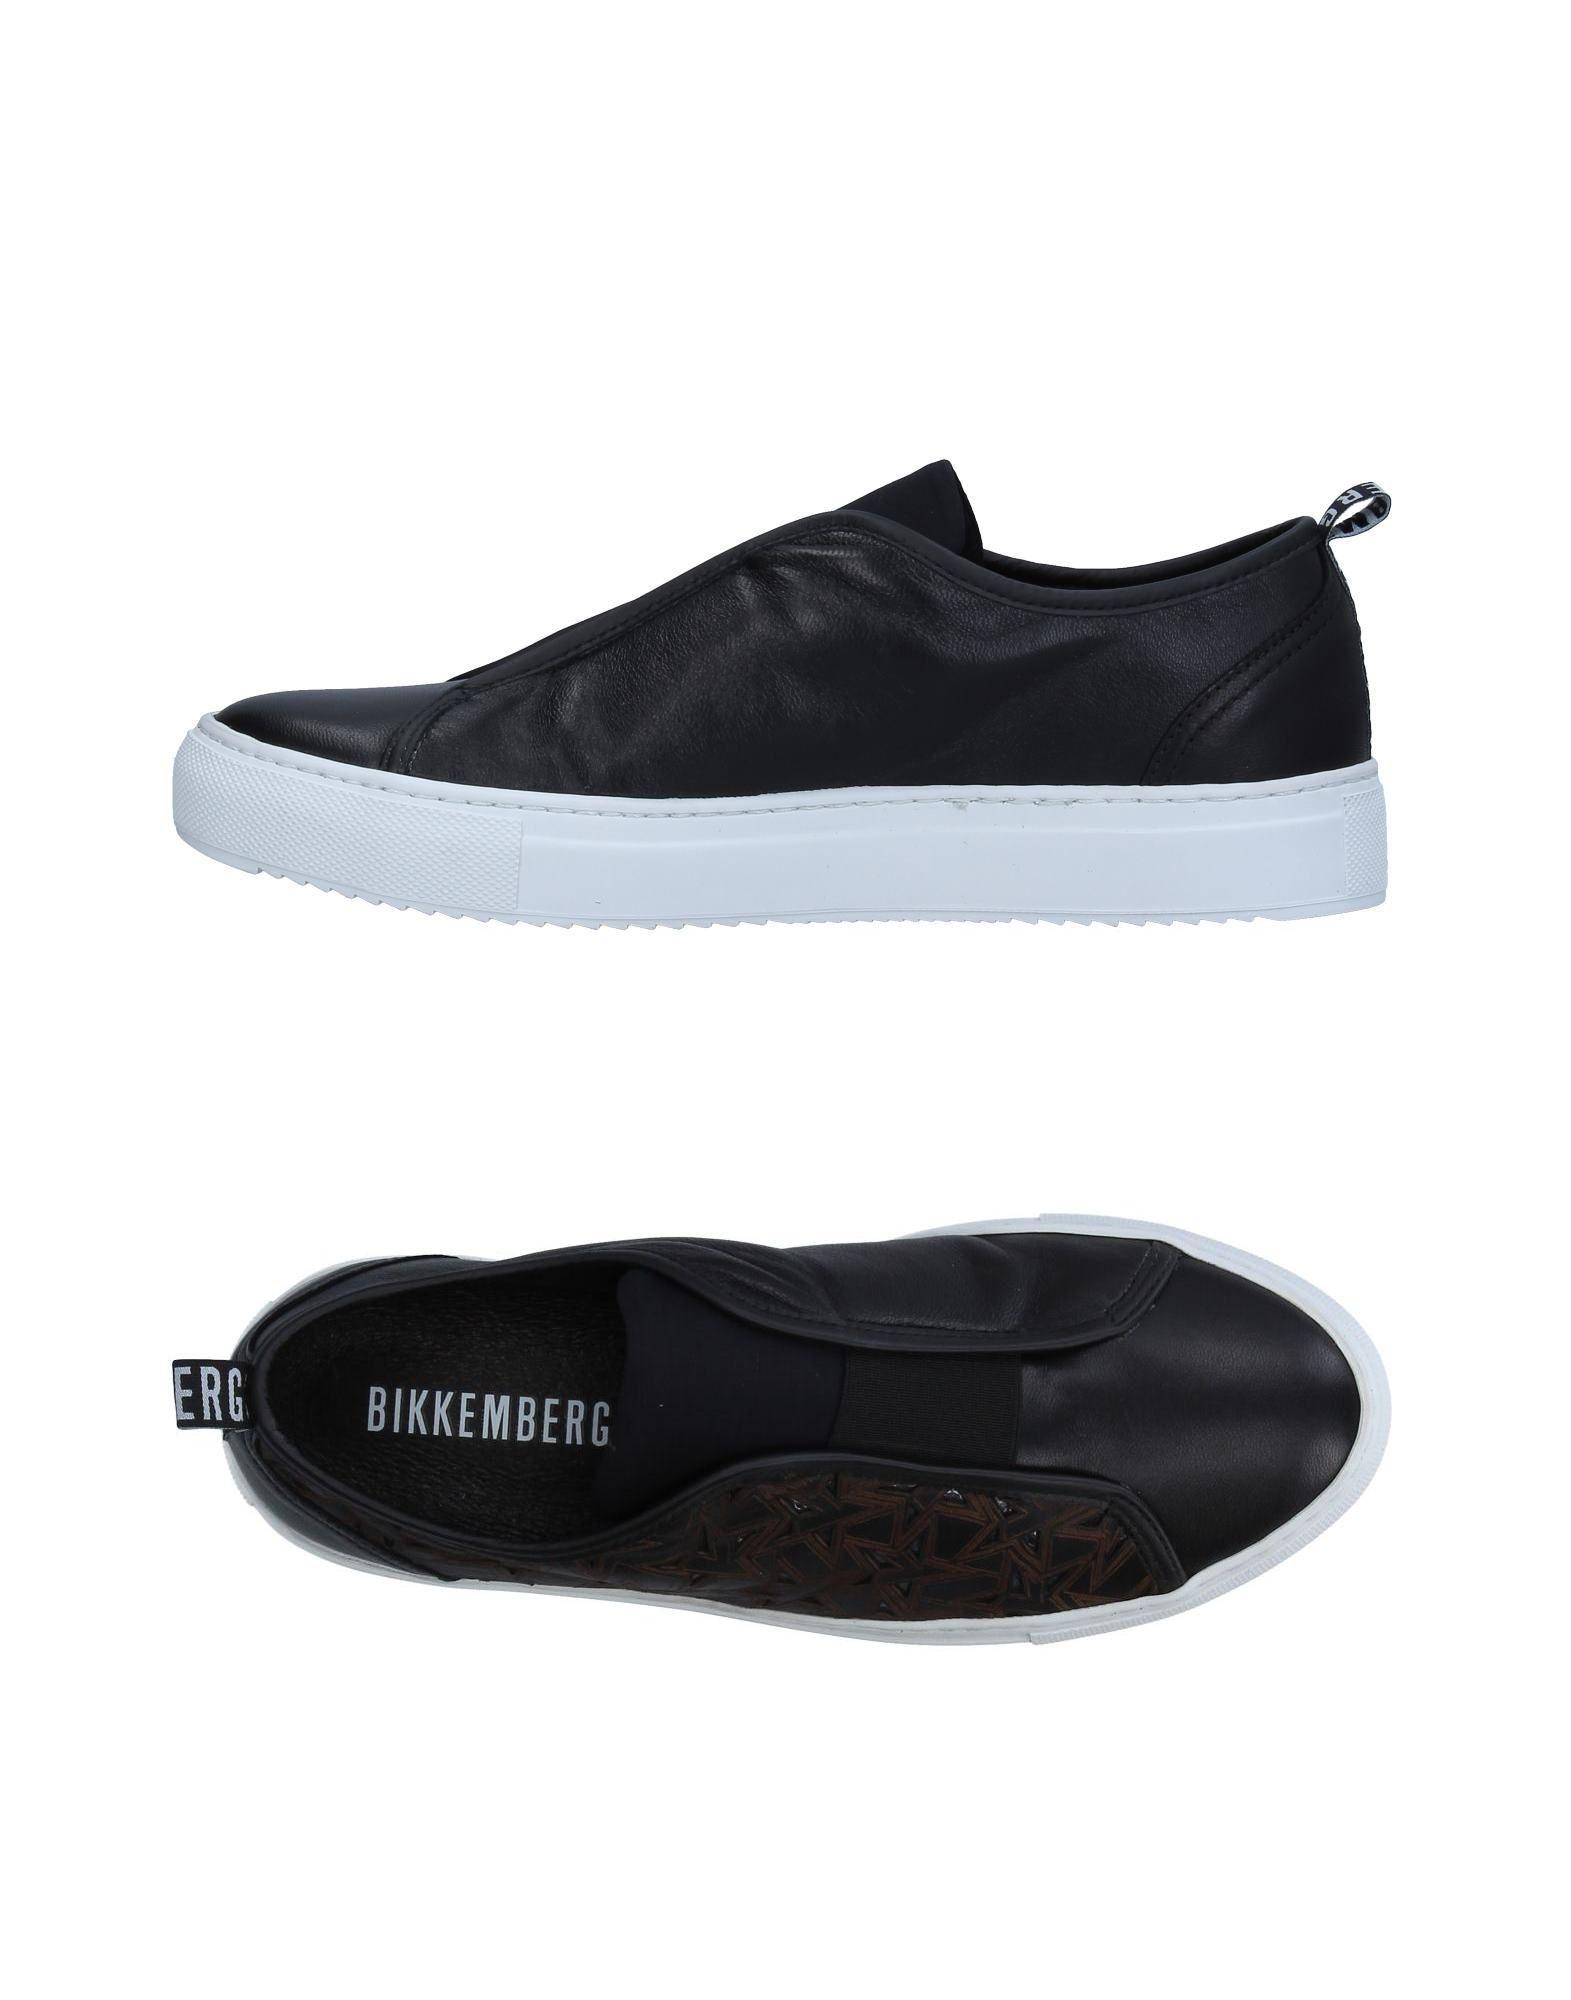 Bikkembergs Sneakers Damen  11333737DD Gute Qualität beliebte Schuhe